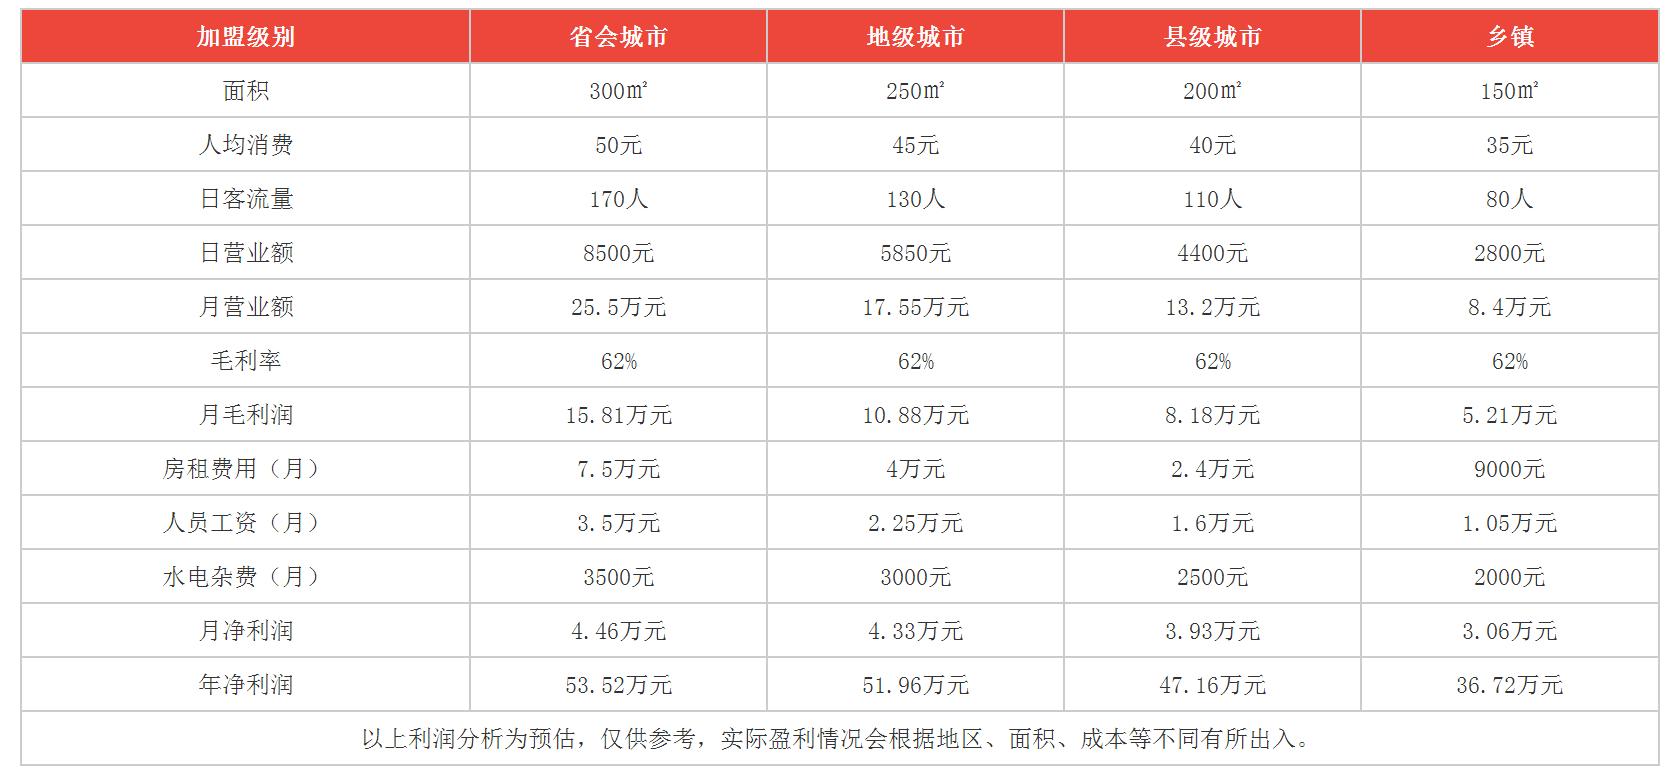 秧秧鱼火锅利润分析